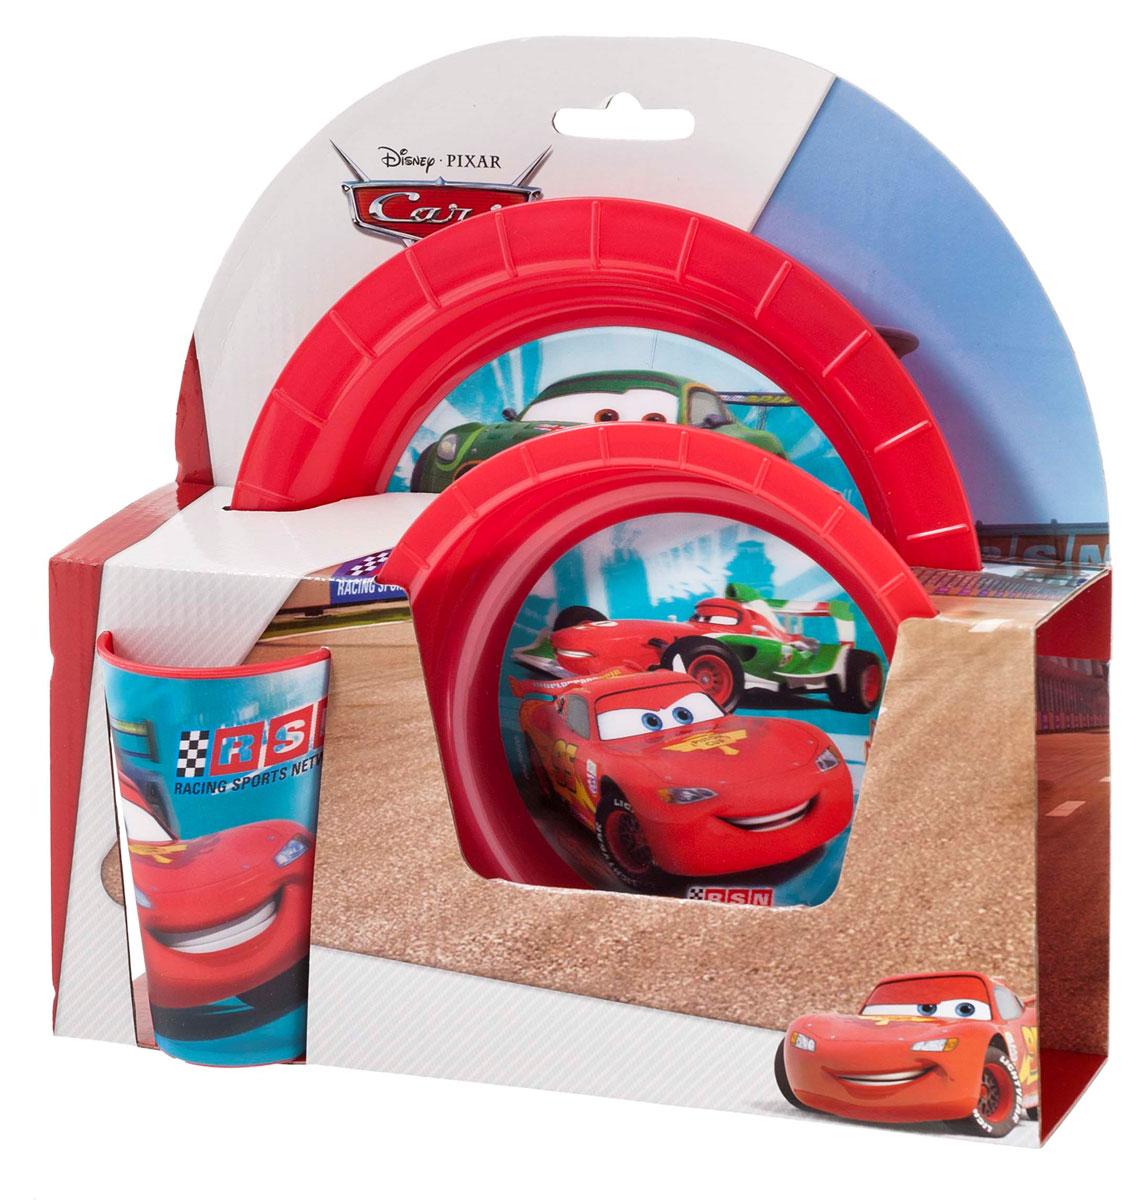 Набор детской посуды Cars Тачки, с 3D рисунком, 3 предмета17350Яркий и функциональный набор детской посуды Cars Тачки состоит из стакана, тарелки и глубокой тарелки. Посуда, выполненная из пищевого пластика красного цвета, оформлена изображениями Молнии МакКуина и других персонажей мультфильма Тачки 2 (Cars 2). Рисунки находятся под слоем прозрачного структурного пластика (линзы), создающего эффект объемного изображения, как в 3D кино, и исключающего попадание краски в жидкость. Небьющаяся посуда, красивая, легкая и удобная в уходе, прекрасно подходит для холодной и горячей пищи. Ваш малыш с удовольствием будет кушать вместе с любимыми героями. Не рекомендуется использовать в СВЧ-печах и в посудомоечных машинах. Объем стакана 250 мл.